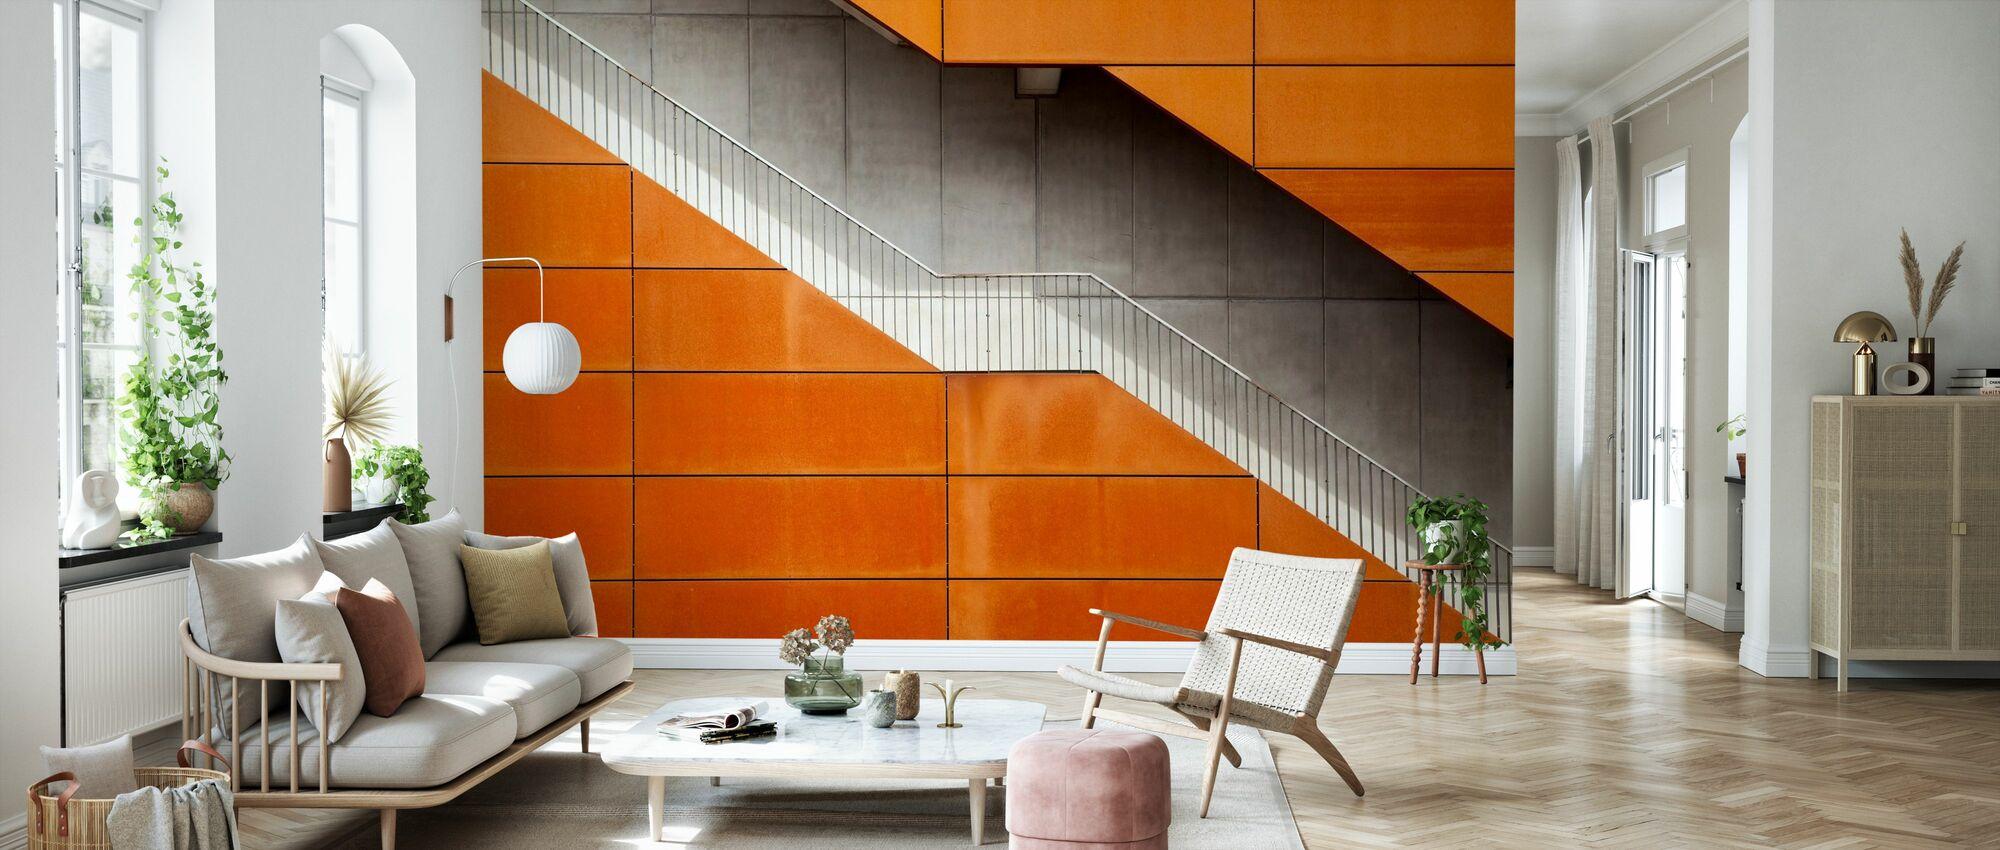 Escalier orange - Papier peint - Salle à manger